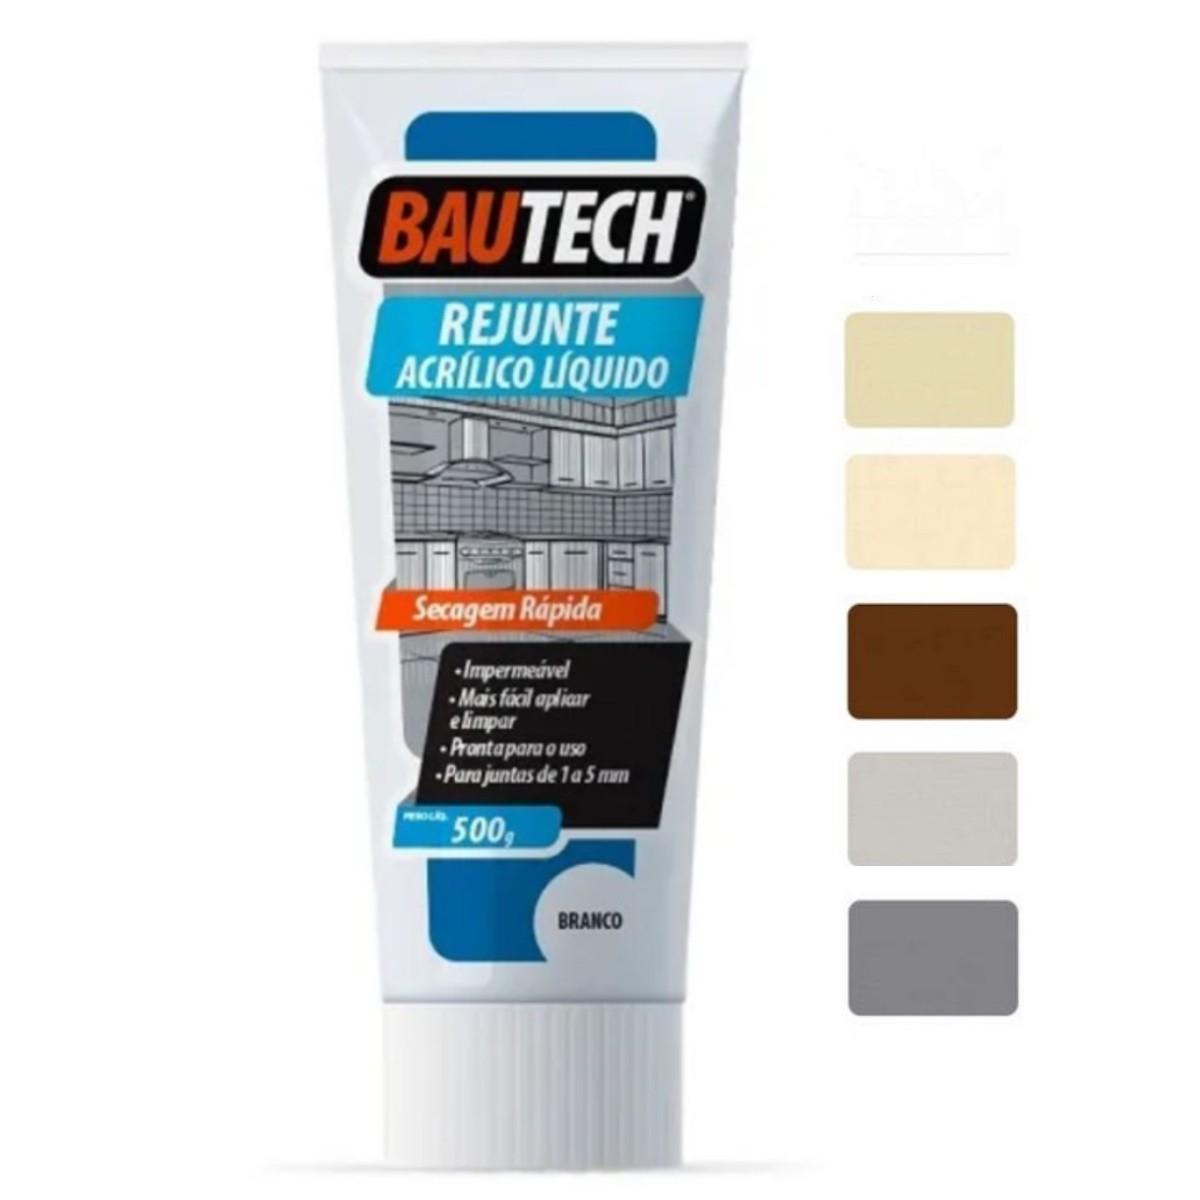 Rejunte Líquido Acrílico Pronto 470gr Bautech - Cores